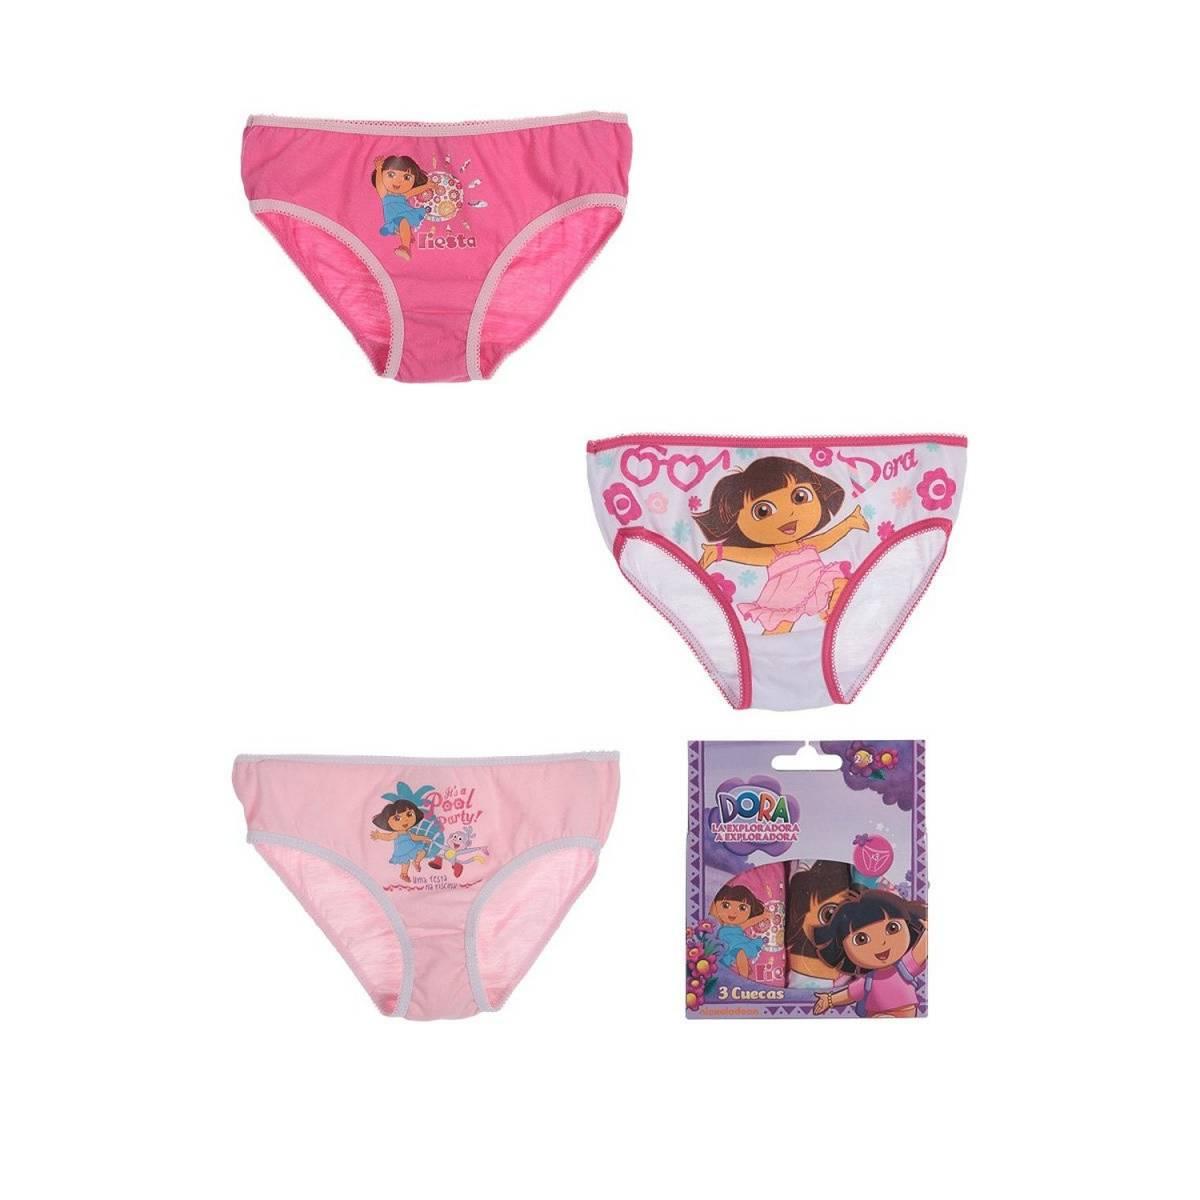 Dora l'Exploratrice - Lot de 3 culottes de 2 à 8 ans